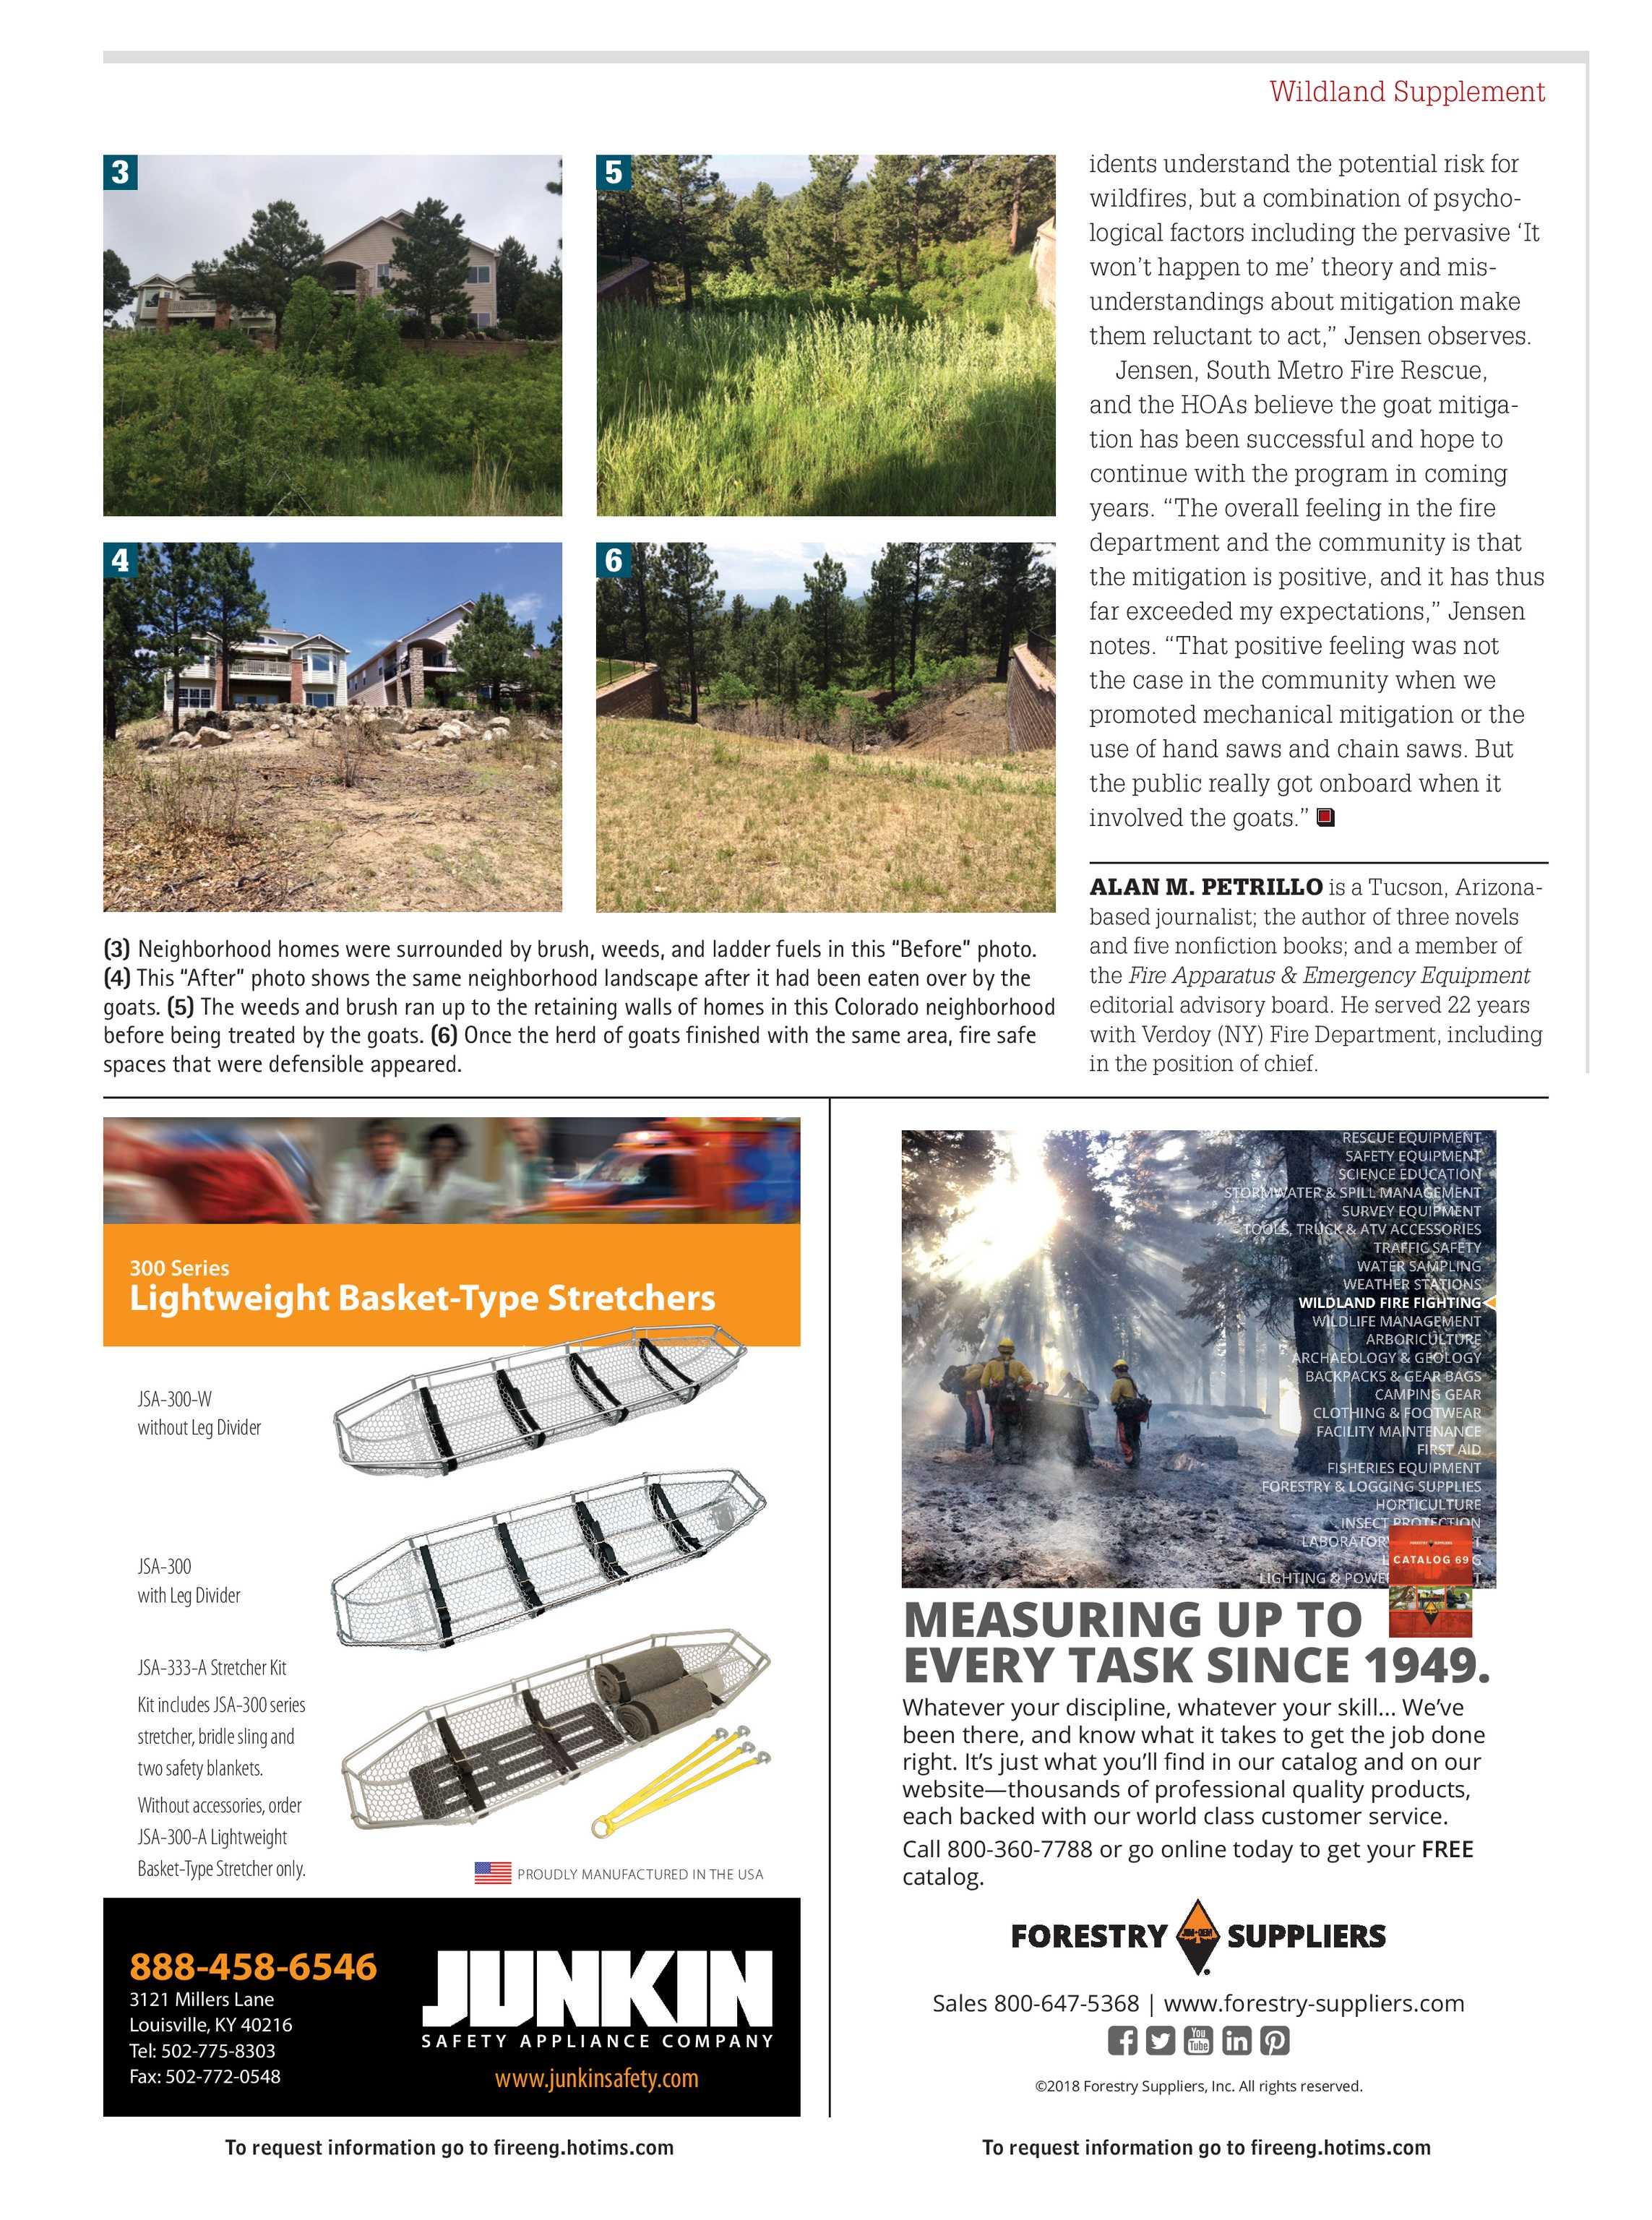 Pennwell Supplements - FE August 2018 Wildland Supplement